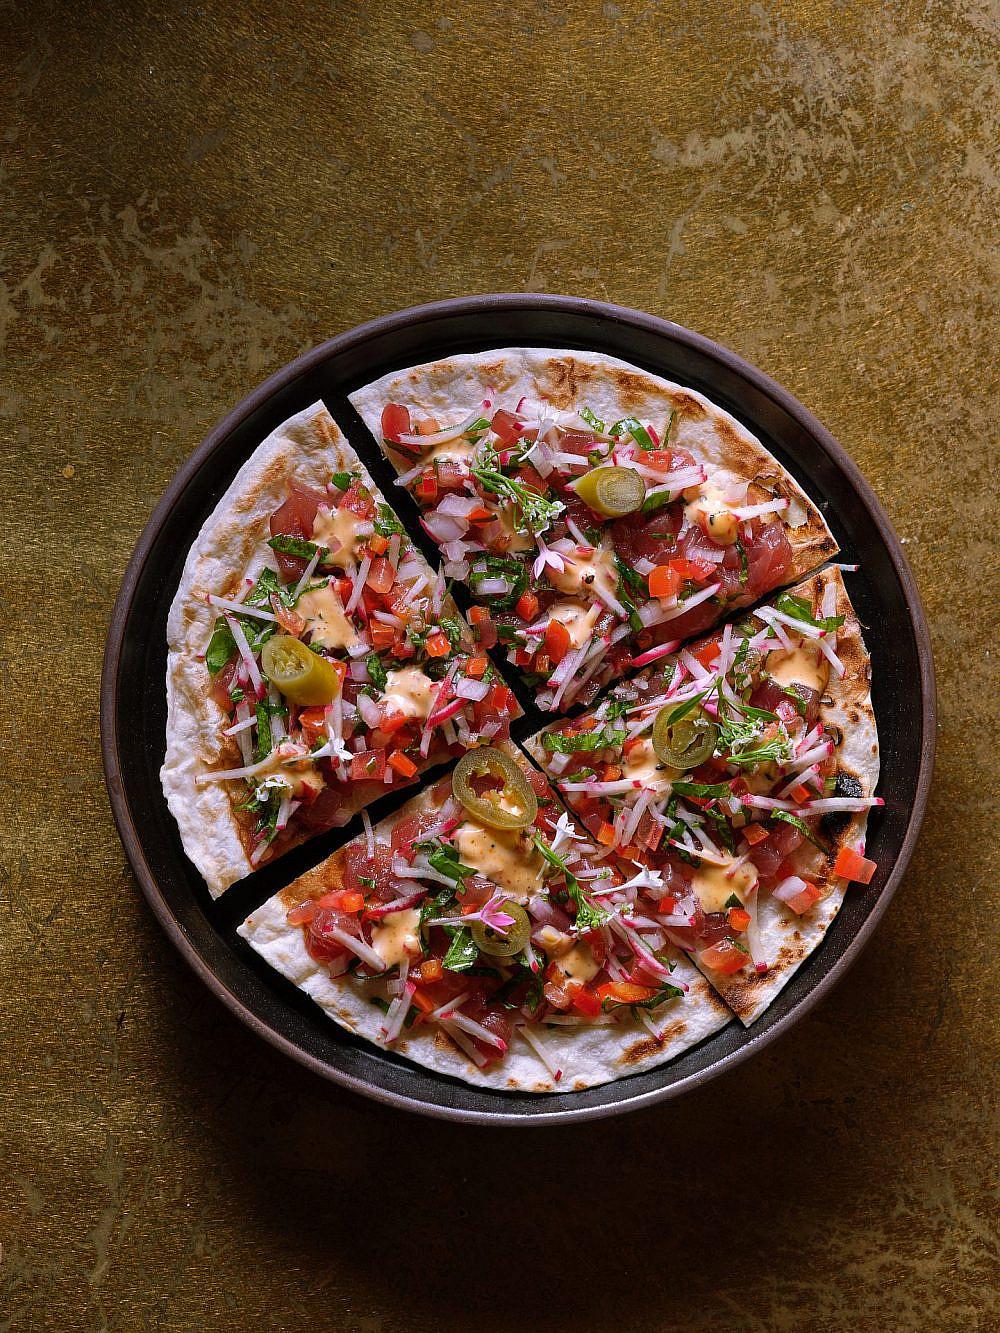 פיצה טונה במאקוטו   צילום: אנטולי מיכאלו